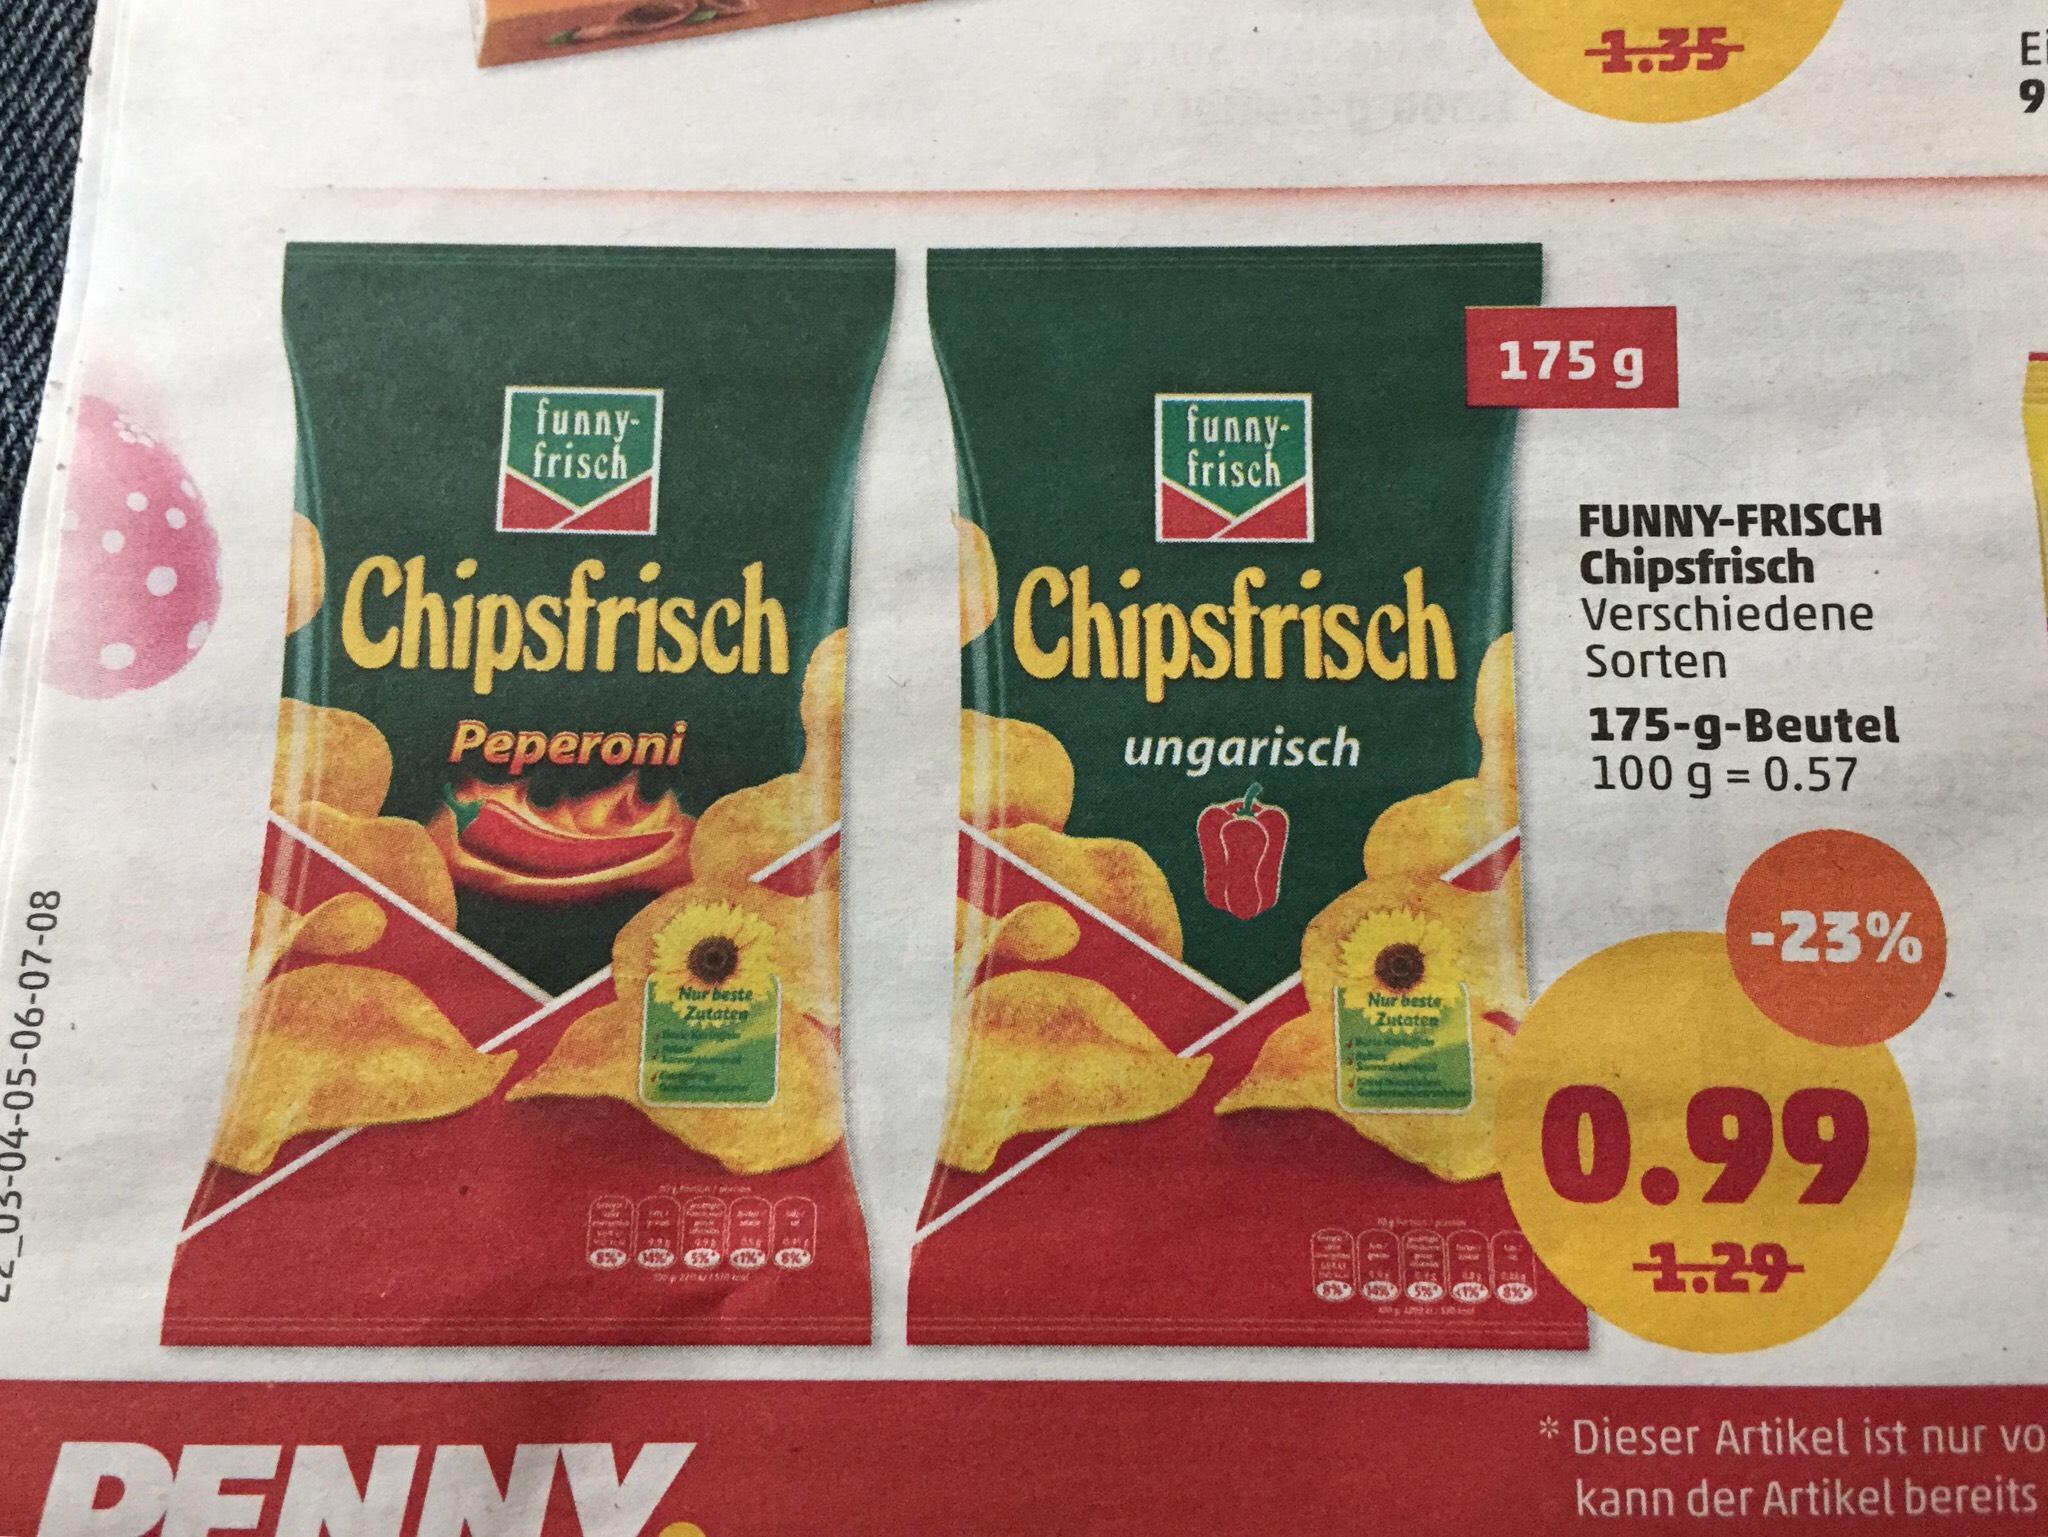 Funny Frisch Chipsfrisch div. Sorte ab 26.3 - 31.3 bei Penny Markt  175g 0,99€